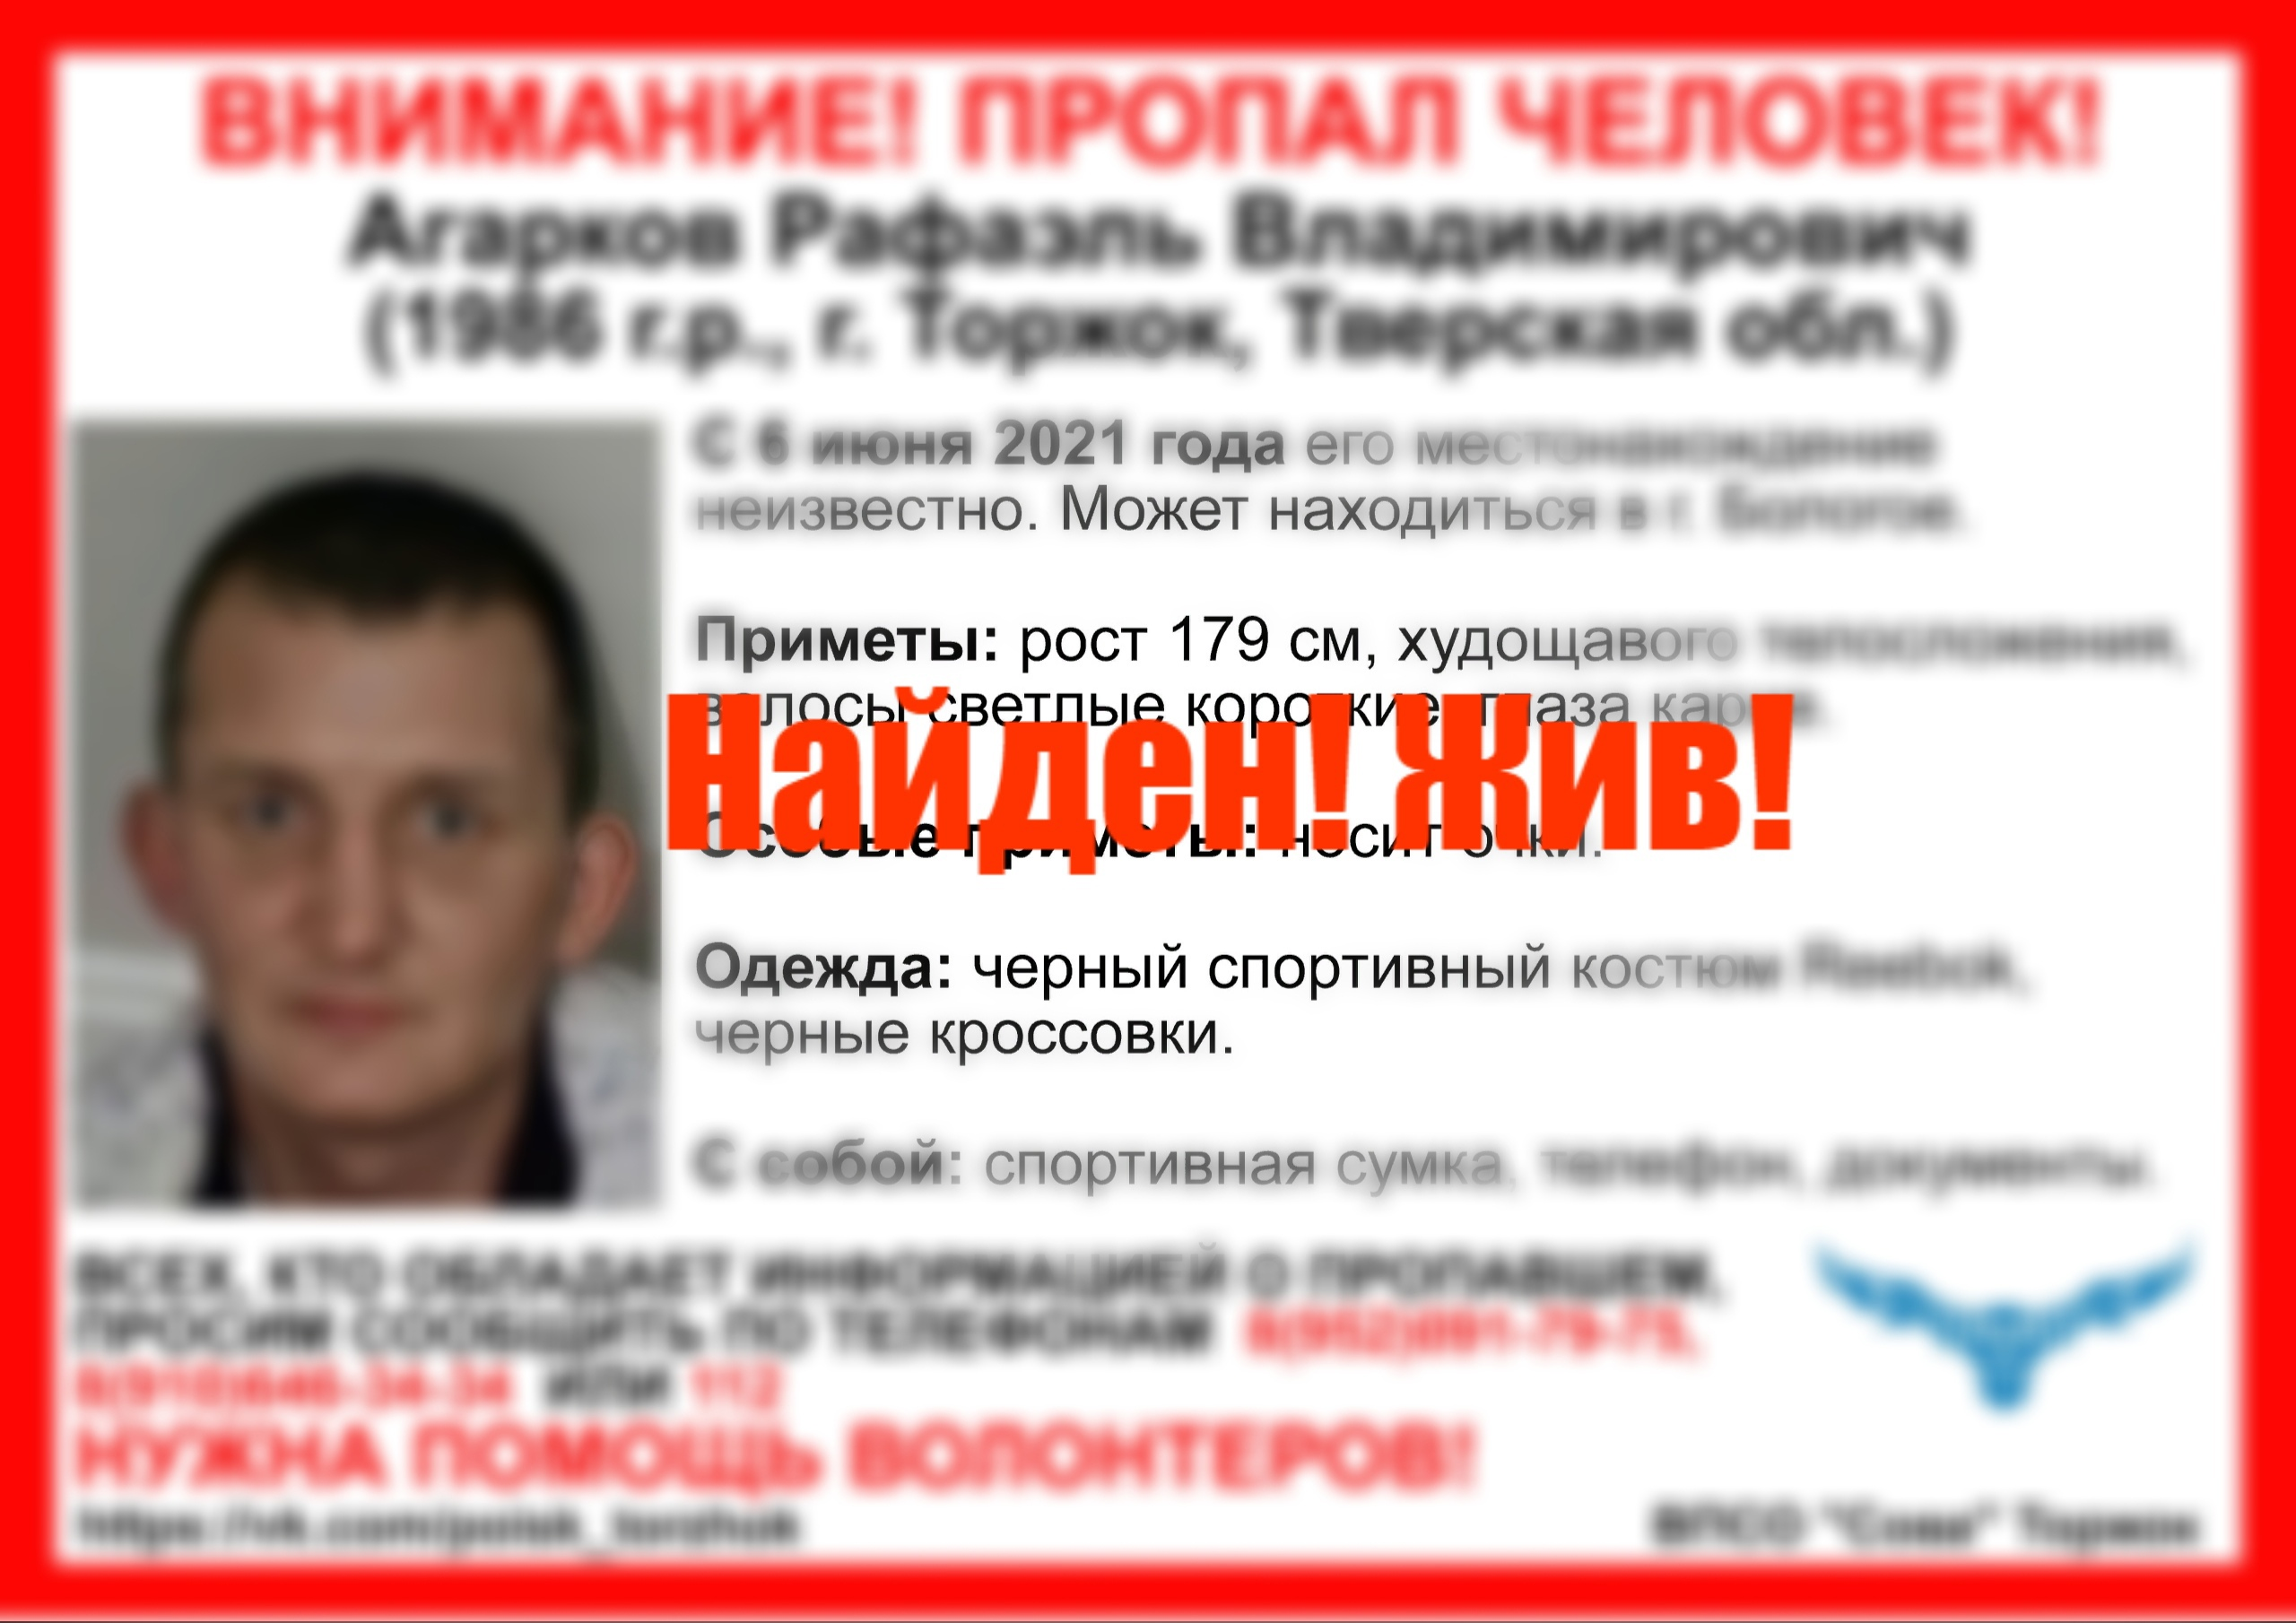 В Тверской области нашли исчезнувшего 35-летнего Рафаэля